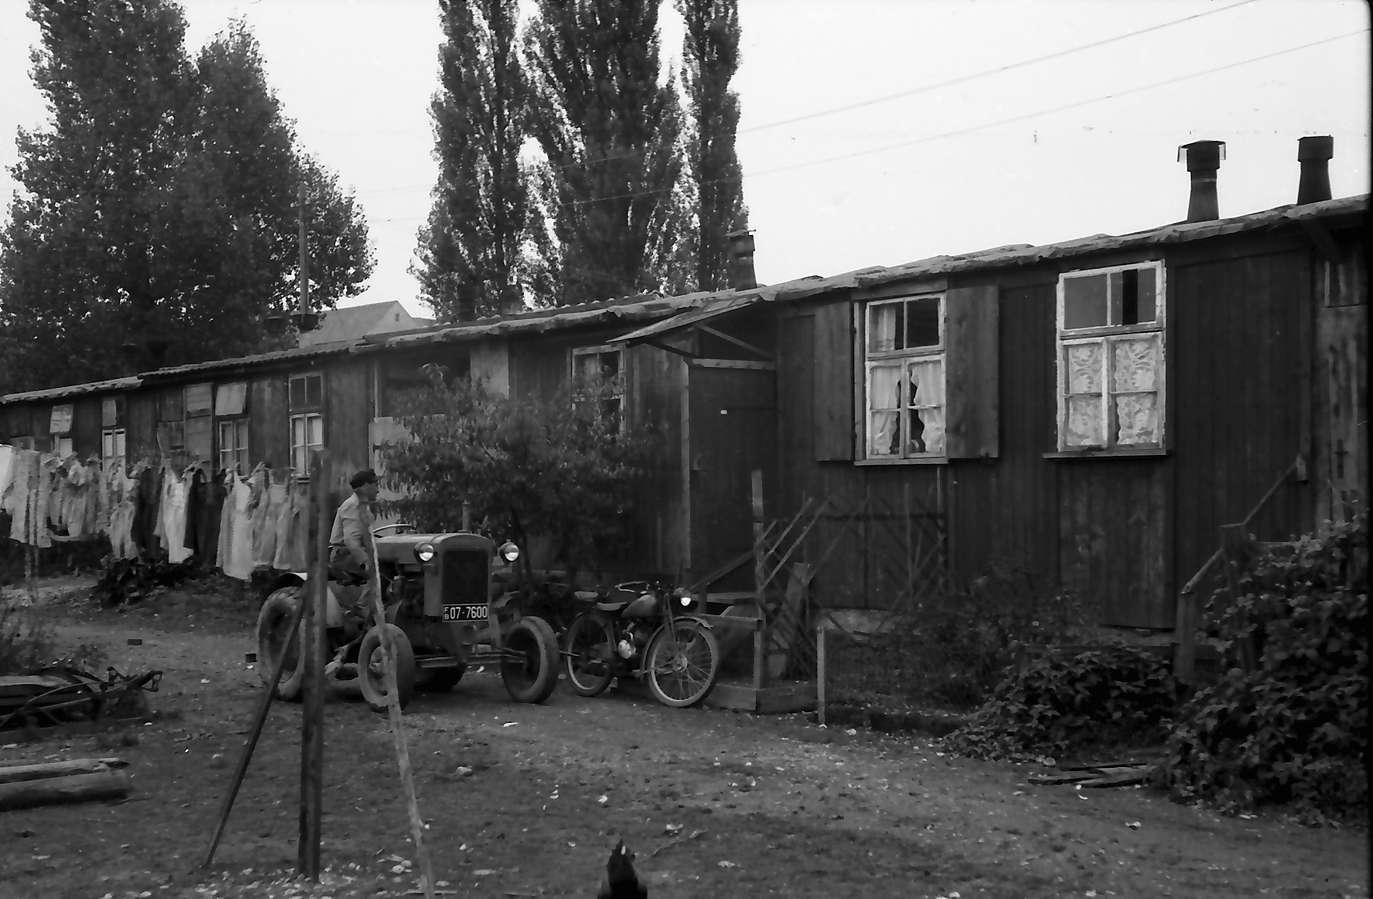 Neuenburg: Elendsbaracke mit Wäsche und Traktor, Bild 1